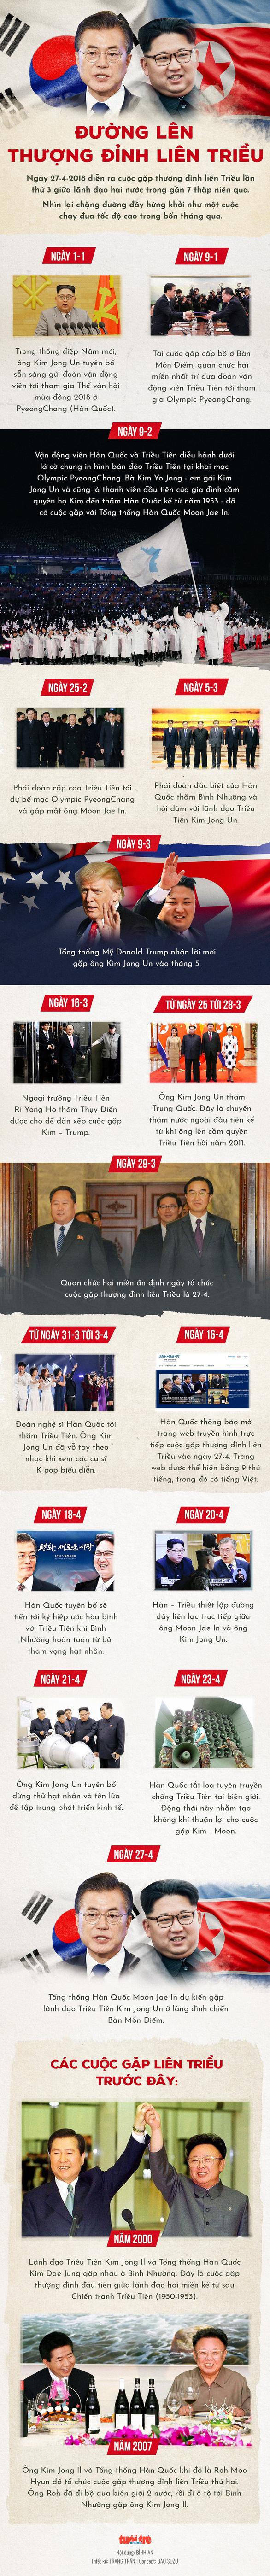 Người giữ linh hồn chính sách đối ngoại Triều Tiên - Ảnh 4.